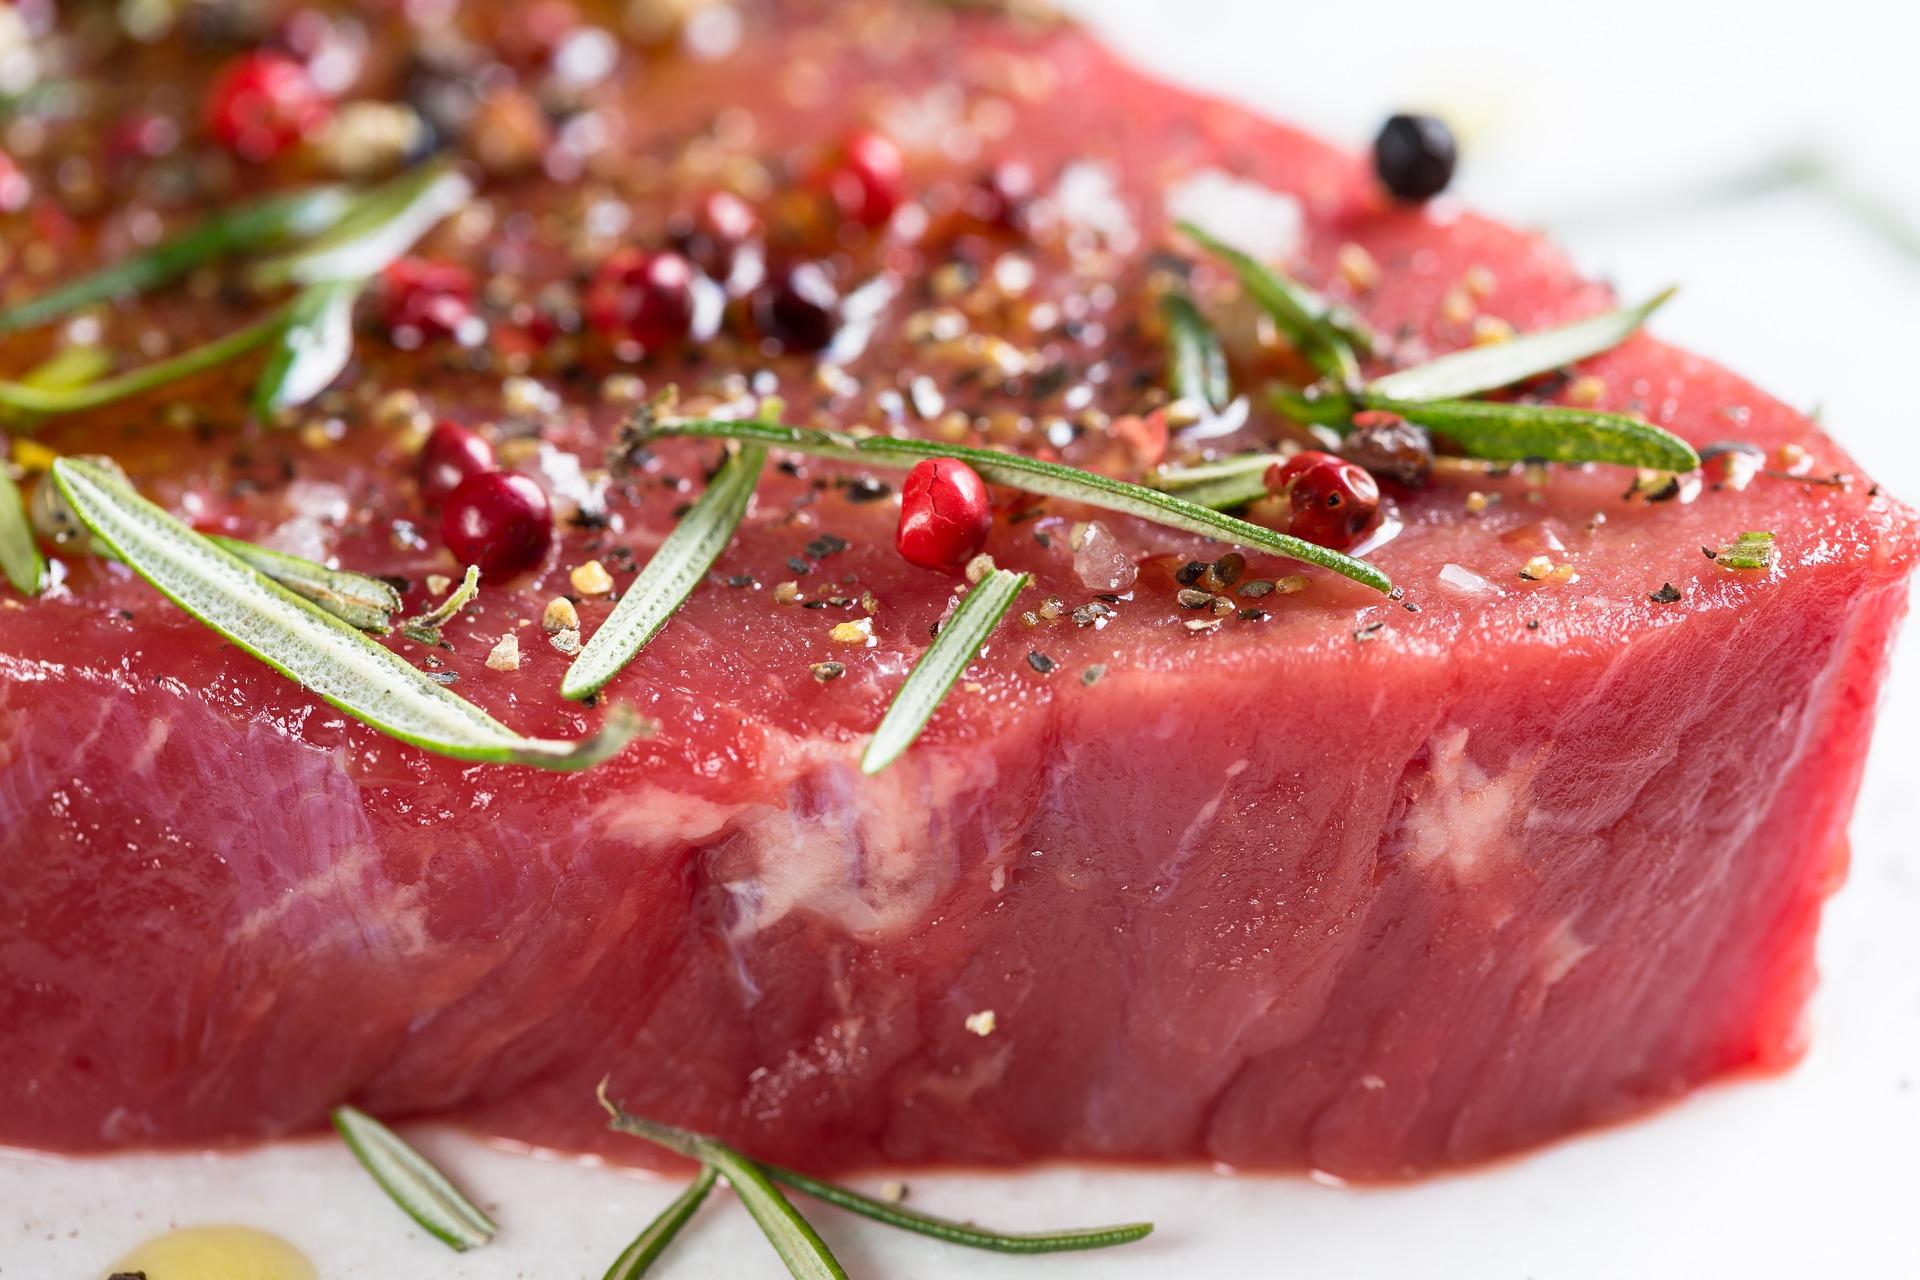 la carne contiene glutine